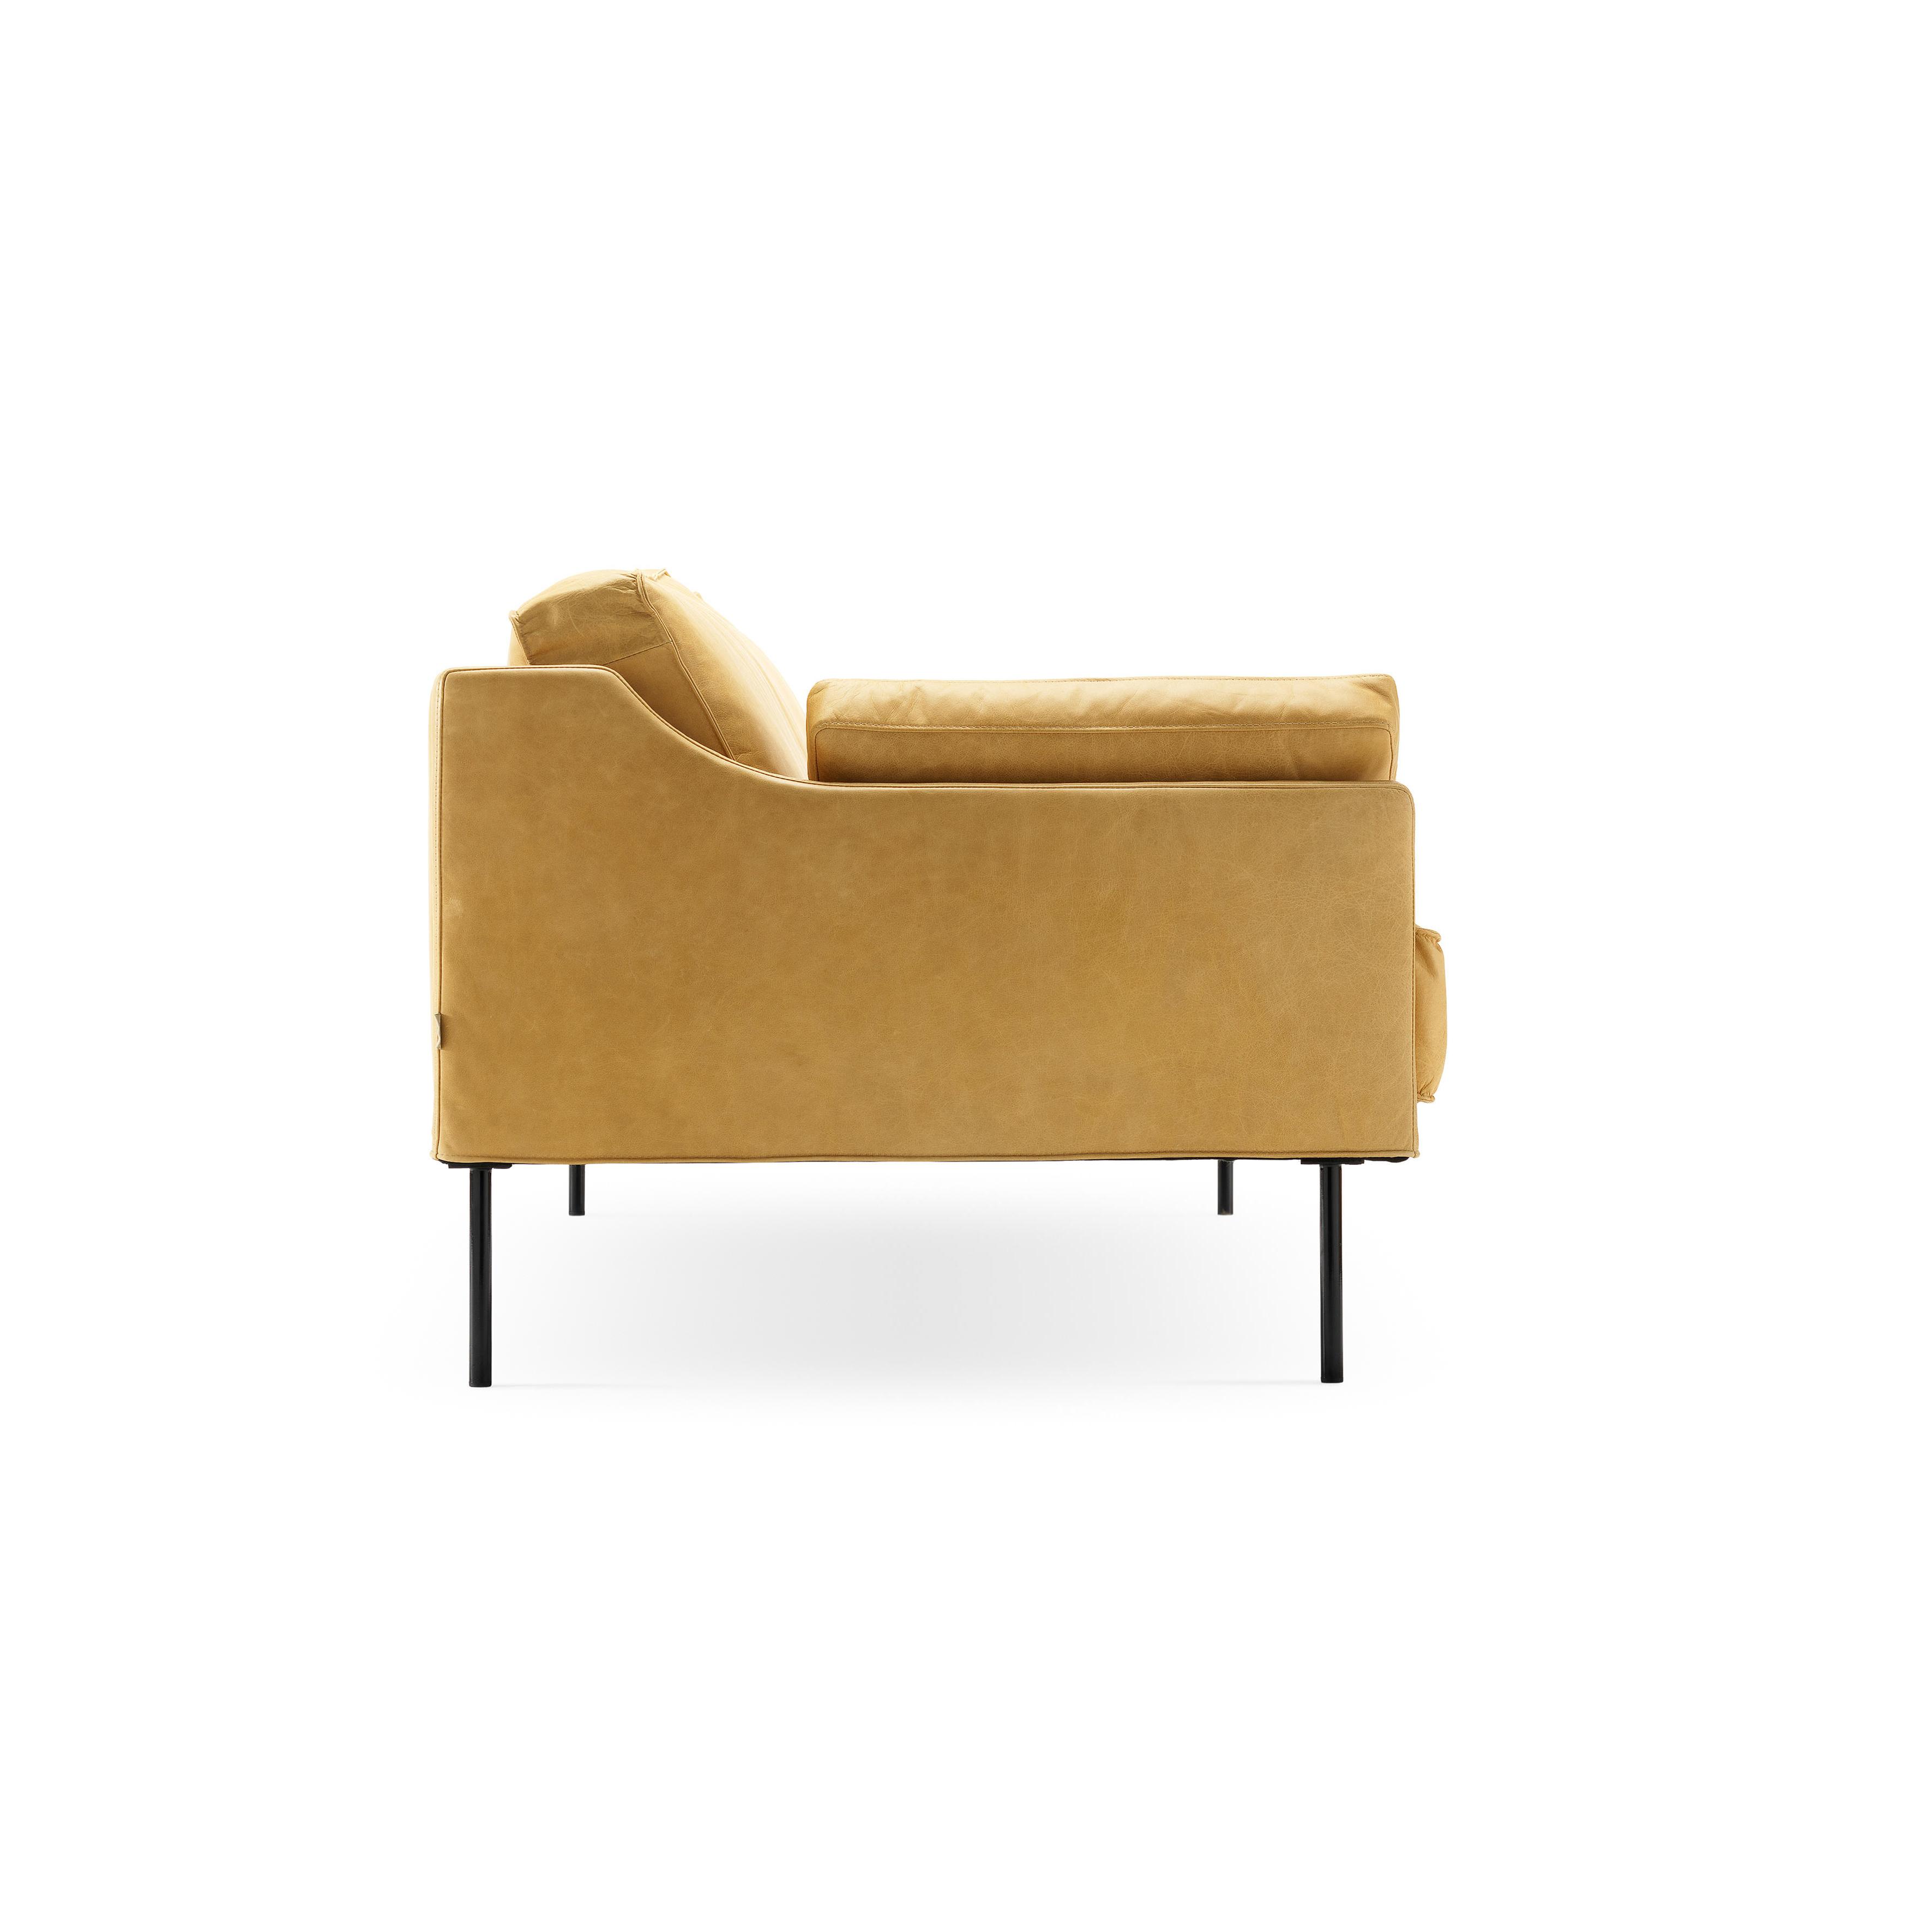 Fogia Dini sofa